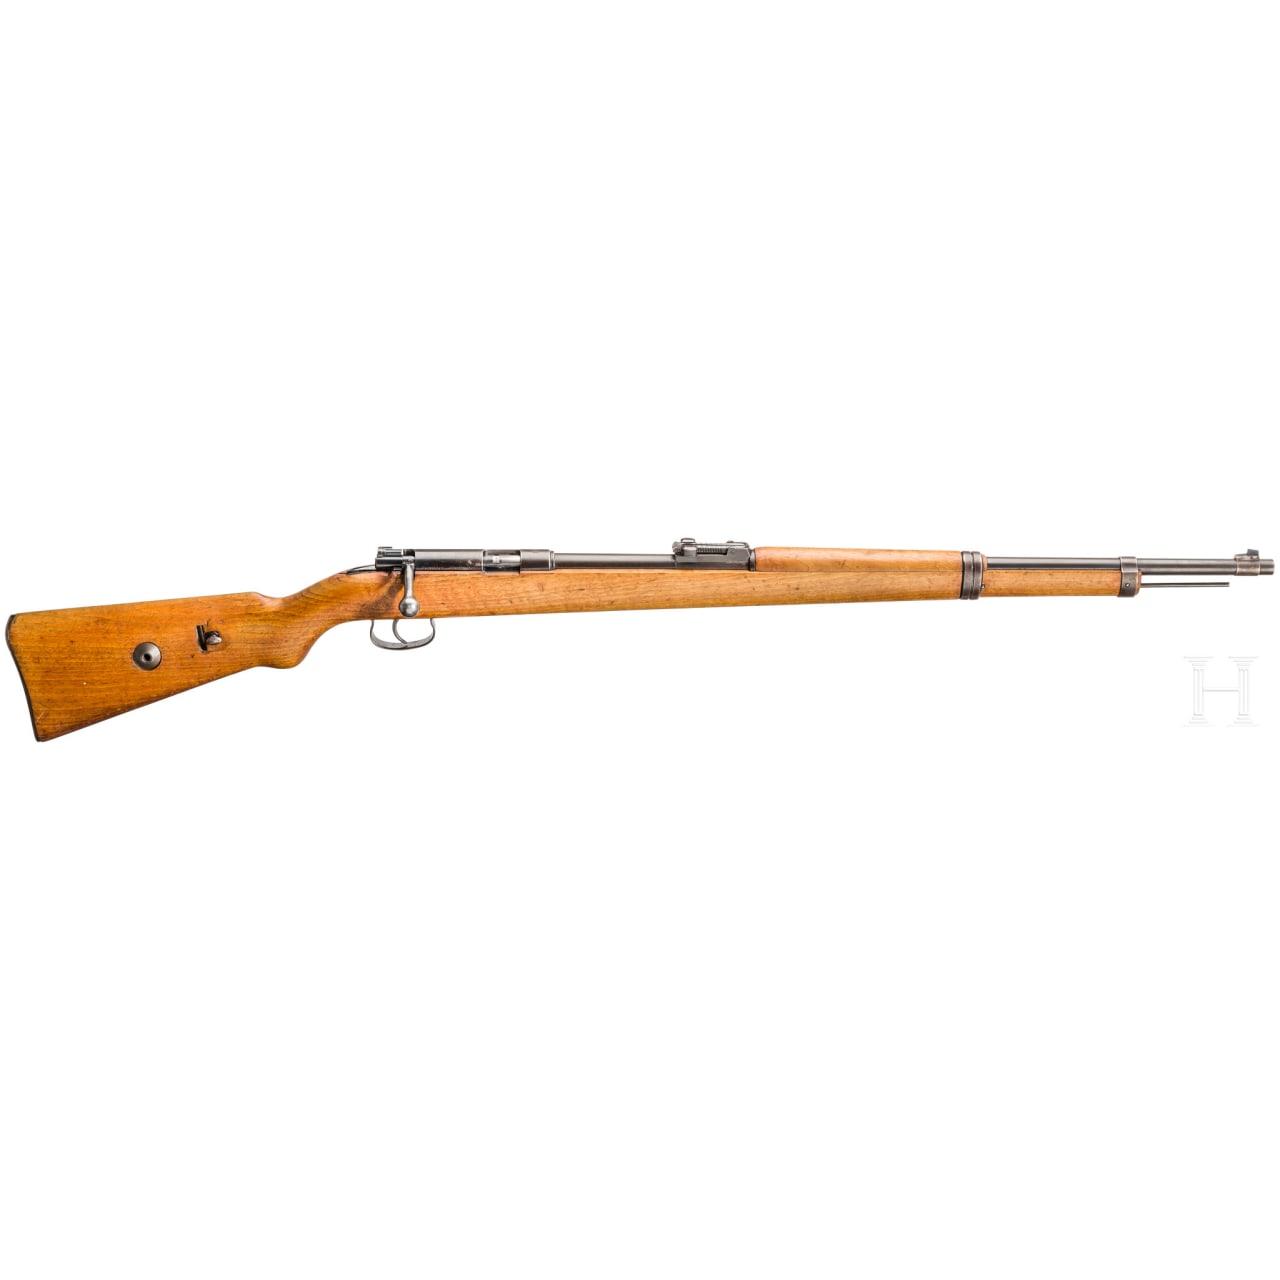 Mauser DSM 34, deutsches Sportmodell zur Wehrertüchtigung von SA und HJ